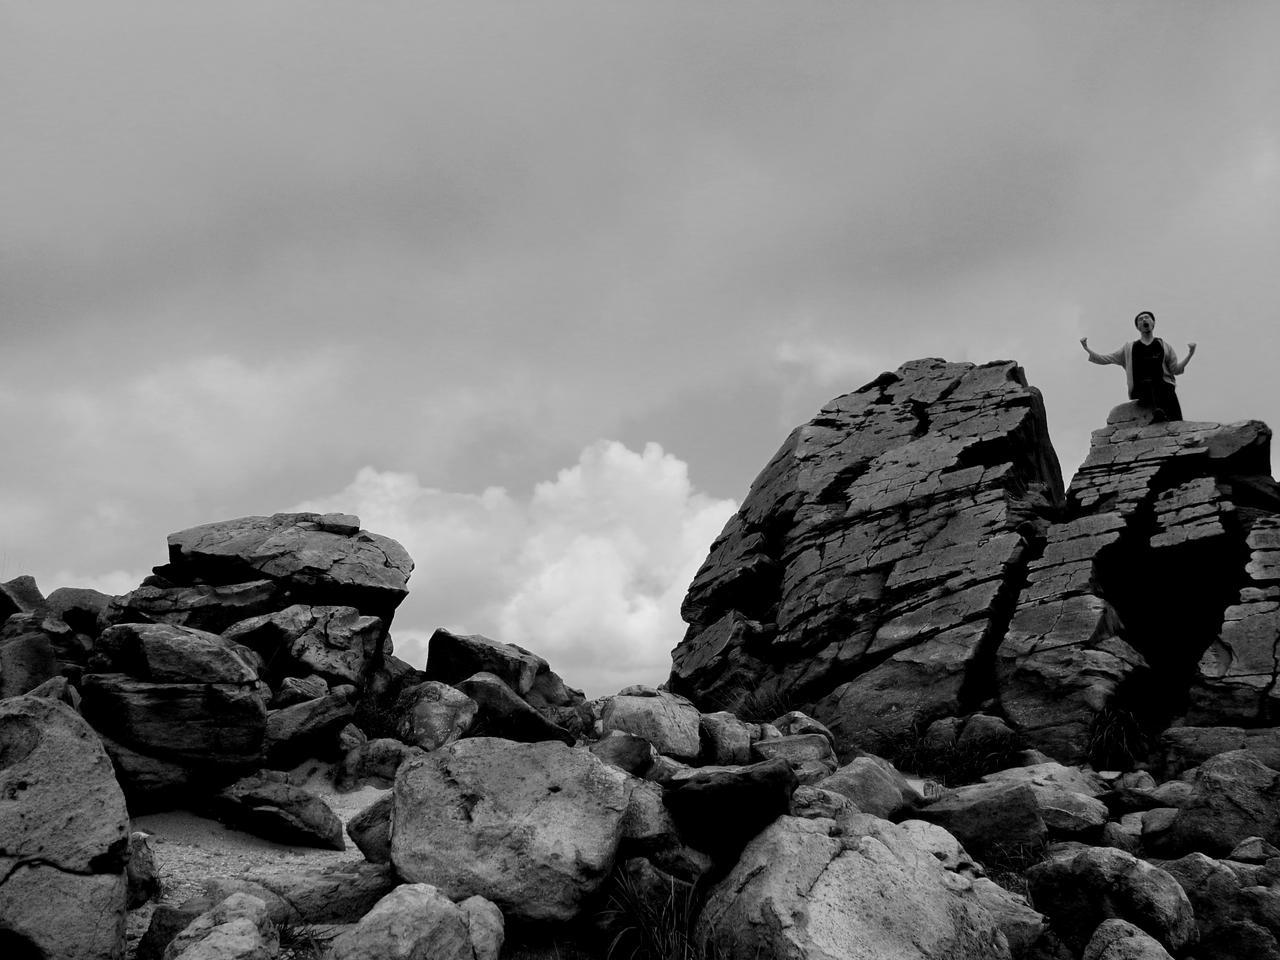 """画像6: 唯一無二の世界観で各方面の表現者たちも絶賛!""""知られざる奇才""""大力拓哉と三浦崇志の共同監督による『ニコトコ島』と『石と歌とペタ』が公開へ--"""